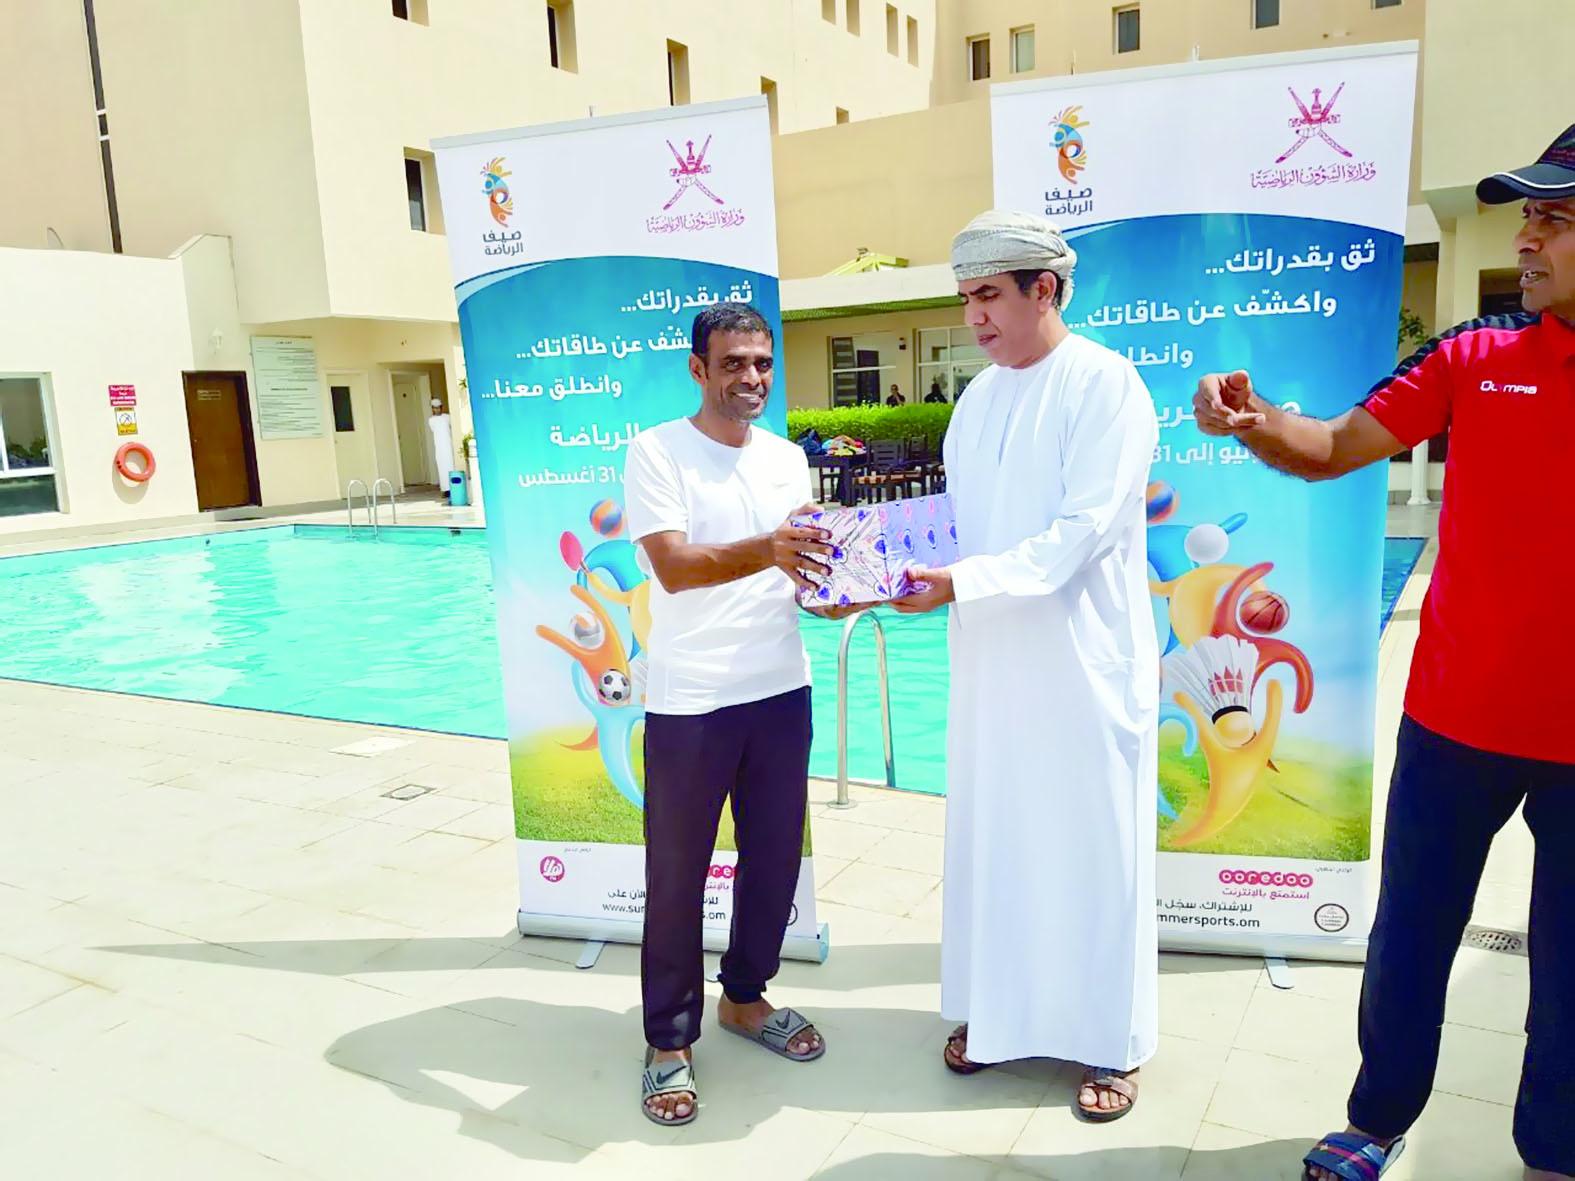 تواصل أنشطة صيف الرياضة في محافظة جنوب الشرقية